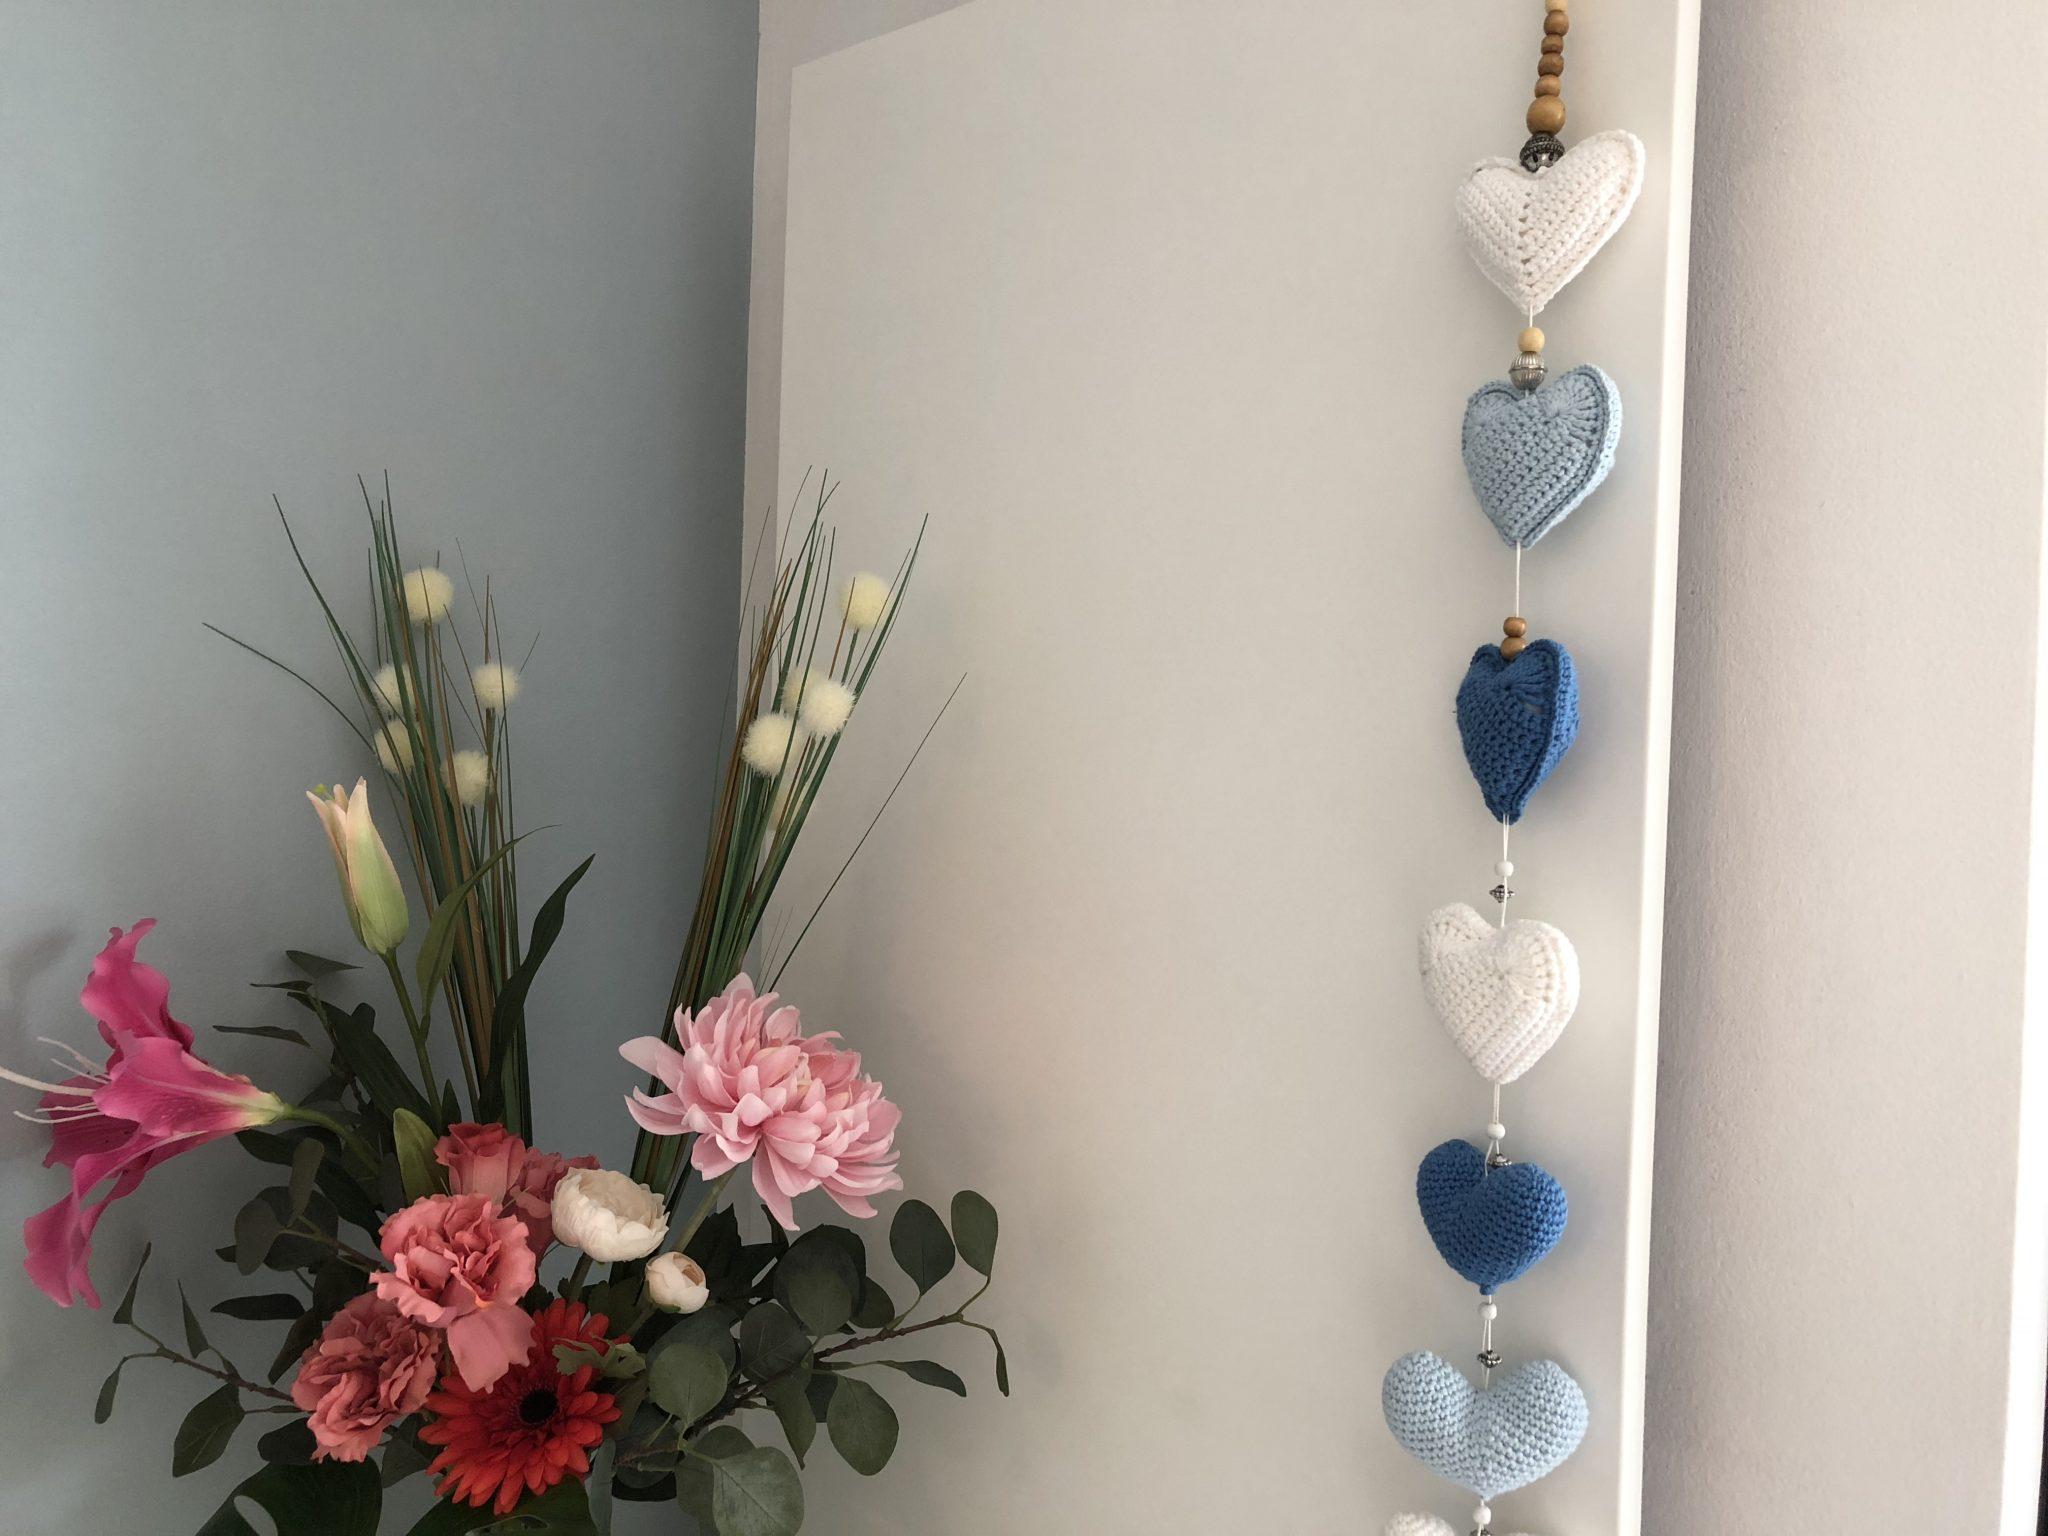 Decoratieve slinger van gehaakte hartjes; gratis haakpatroon op De vrolijke roze vlinder